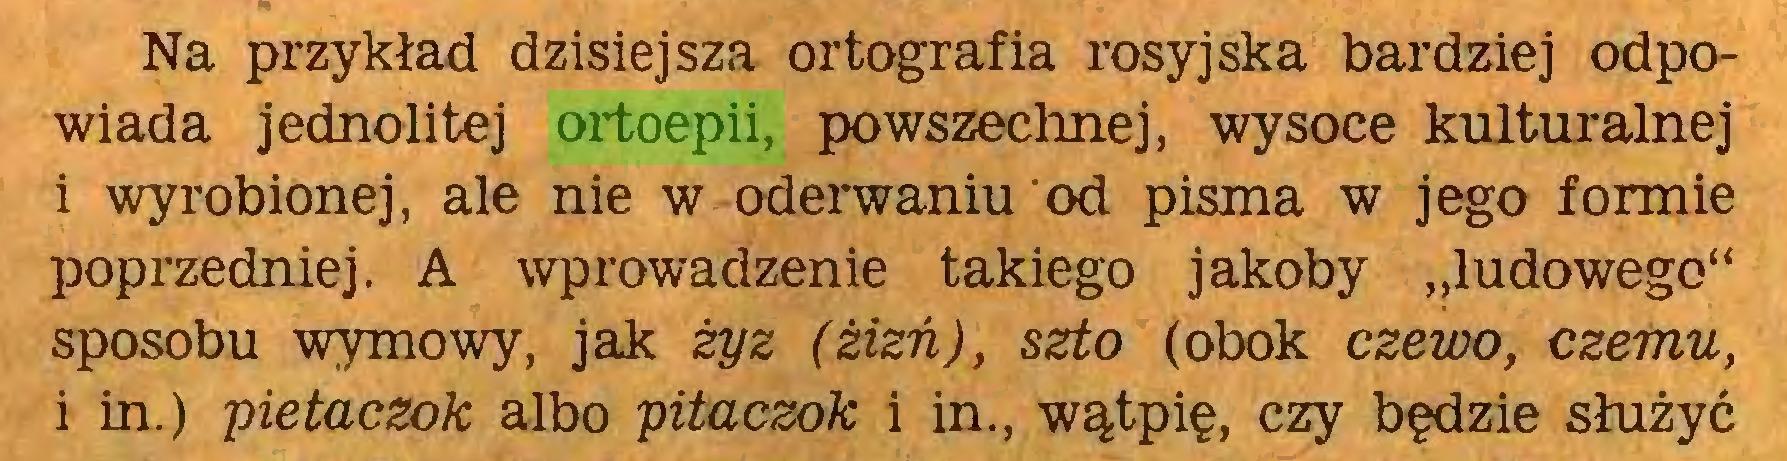 """(...) Na przykład dzisiejsza ortografia rosyjska bardziej odpowiada jednolitej ortoepii, powszechnej, wysoce kulturalnej i wyrobionej, ale nie w oderwaniu od pisma w jego formie poprzedniej. A wprowadzenie takiego jakoby """"ludowego"""" sposobu wymowy, jak żyz (żizń), szto (obok czewo, czemu, i in.) pietaczok albo pitaczok i in., wątpię, czy będzie służyć..."""